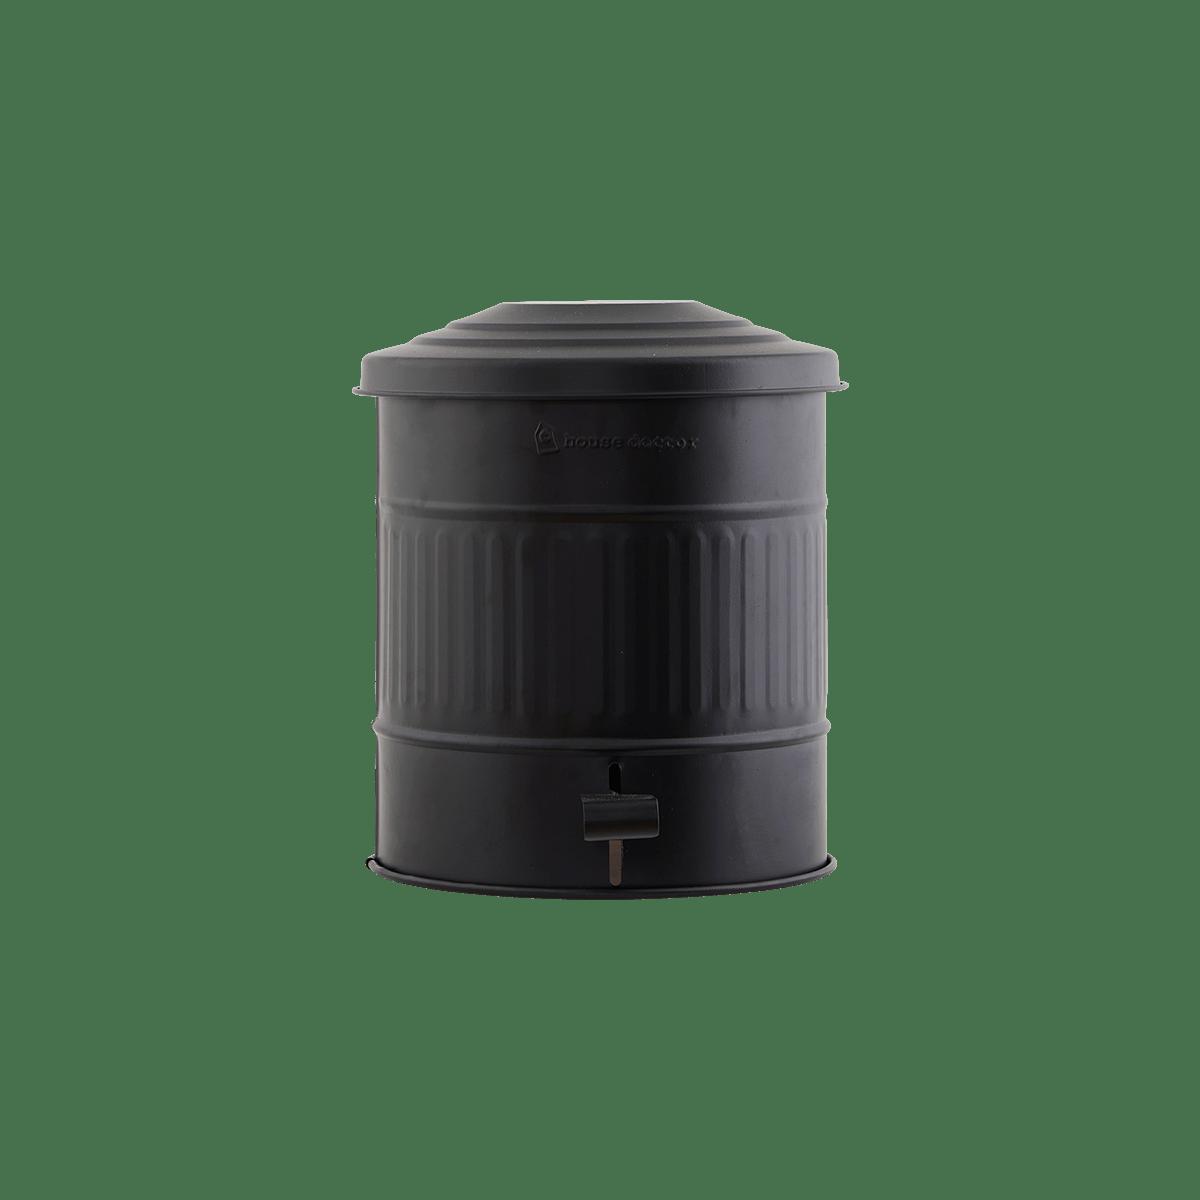 Matně černý koš na odpadky Ø25,5x30 cm